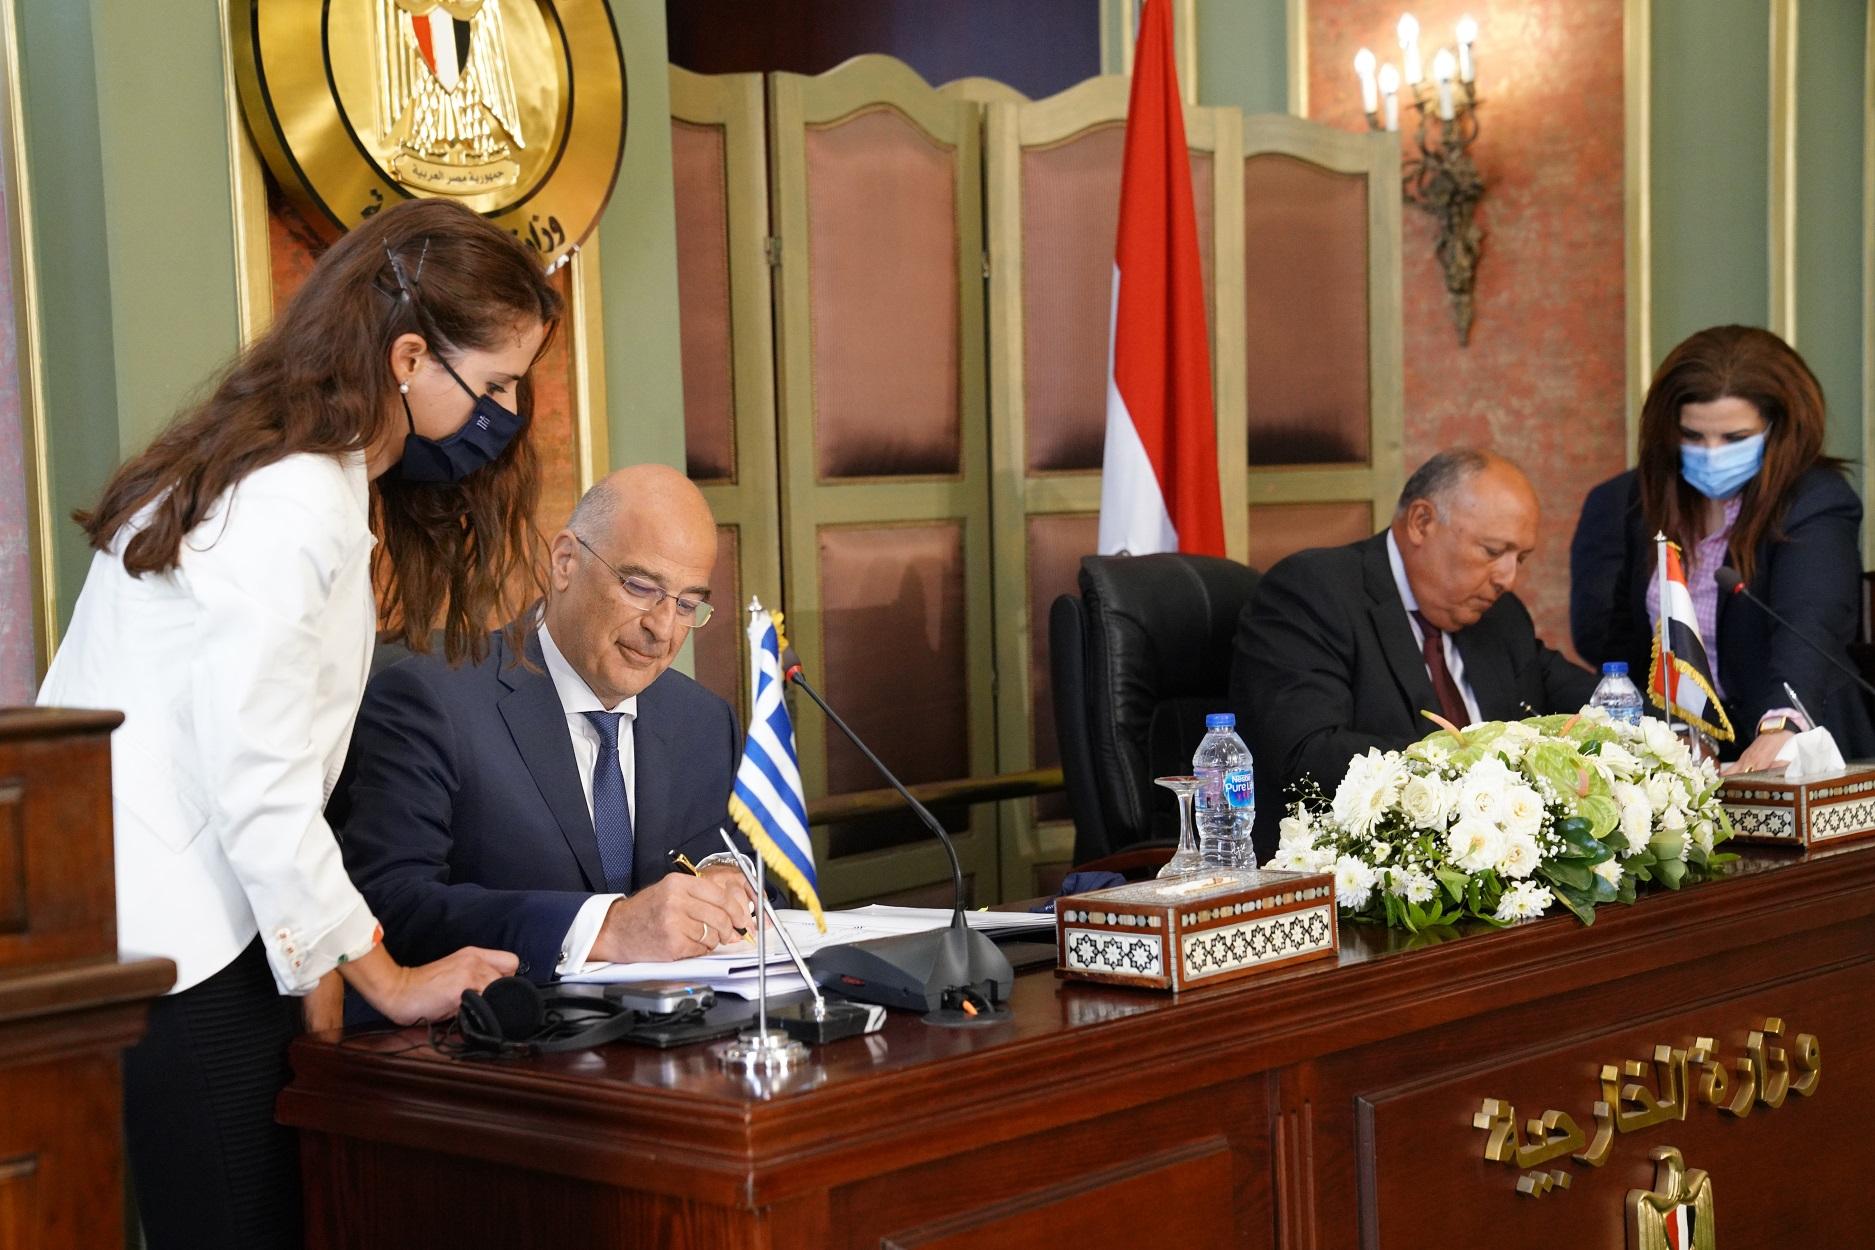 Συμφωνία Ελλάδας – Αιγύπτου: Εγκρίθηκε από επιτροπή της Βουλής η οριοθέτηση ΑΟΖ